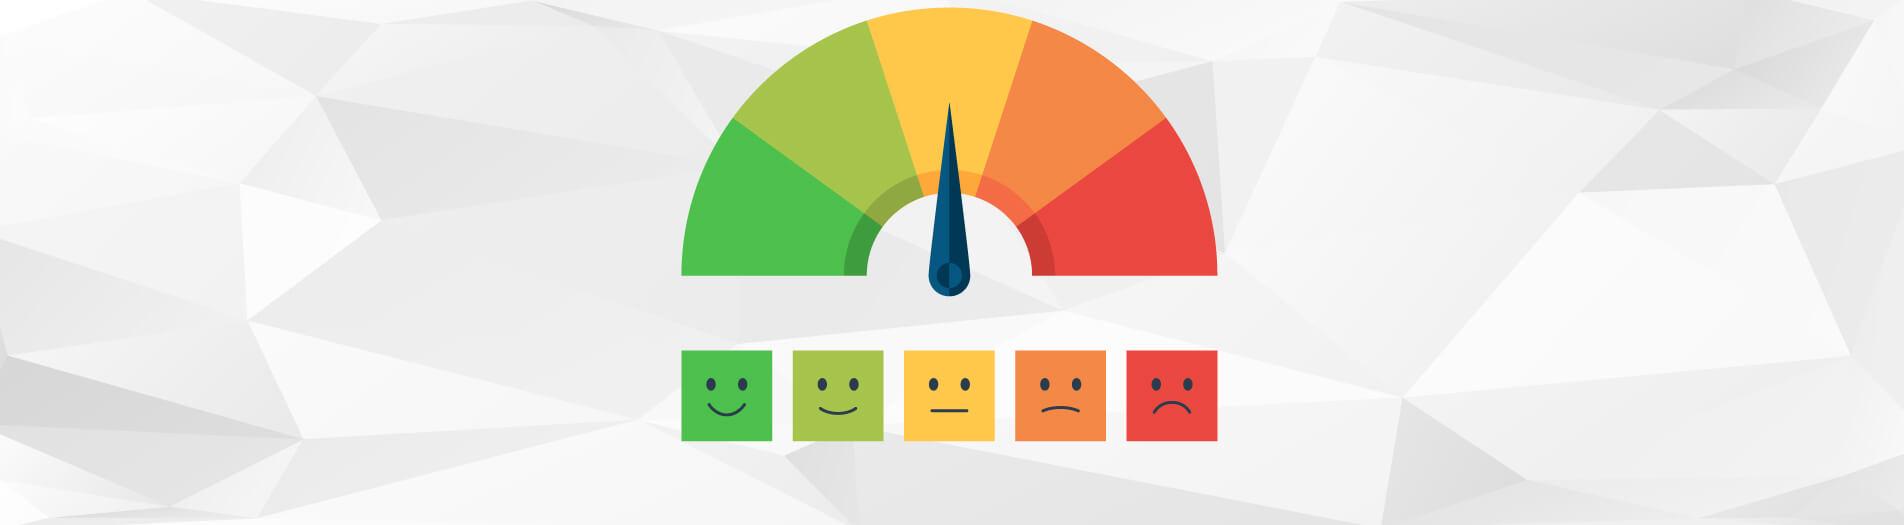 پیشنهادهایی برای کمک به کودکان و نوجوانان در مدیریت خشم